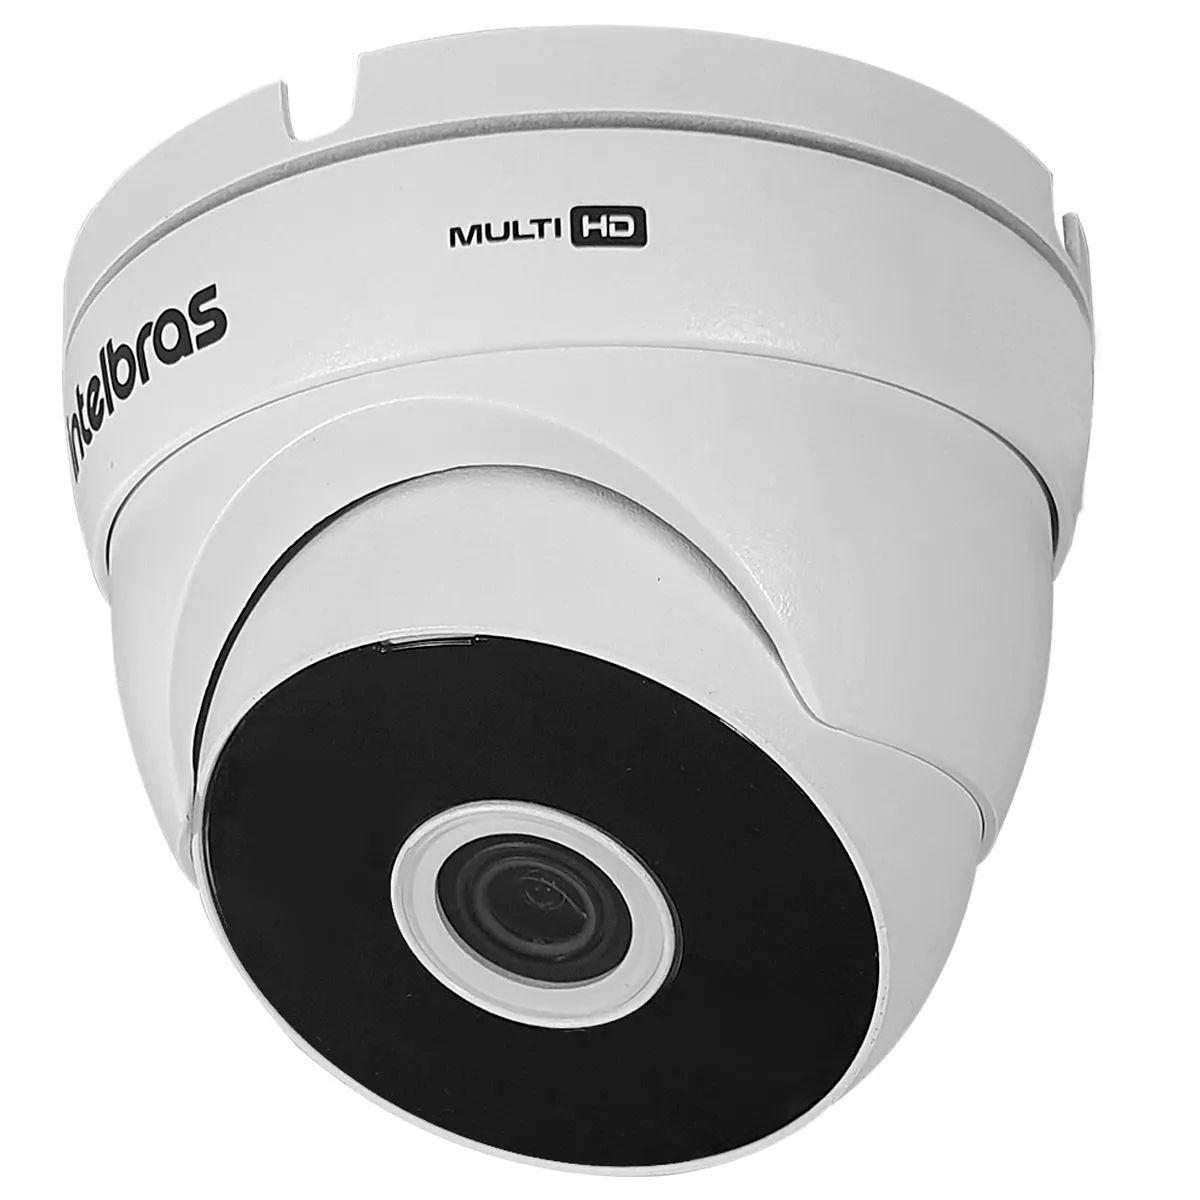 Kit 10 Câmeras VHD 3220 D G5 + DVRIntelbras + HD 1TB para Armazenamento + App Grátis de Monitoramento, Câmeras Full HD 1080p 20m Infravermelho de Visão Noturna Intelbras + Fonte, Cabos e Acessórios  - Tudo Forte